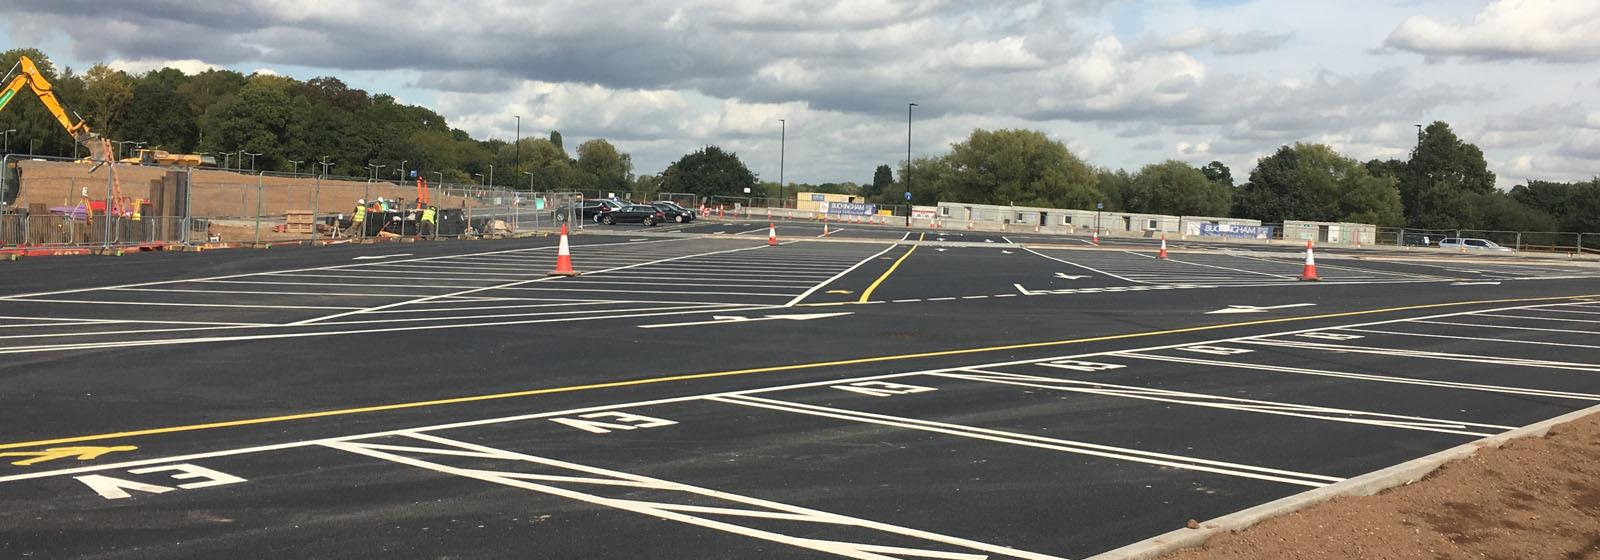 Jaguar Land Rover – Car Park Expansion